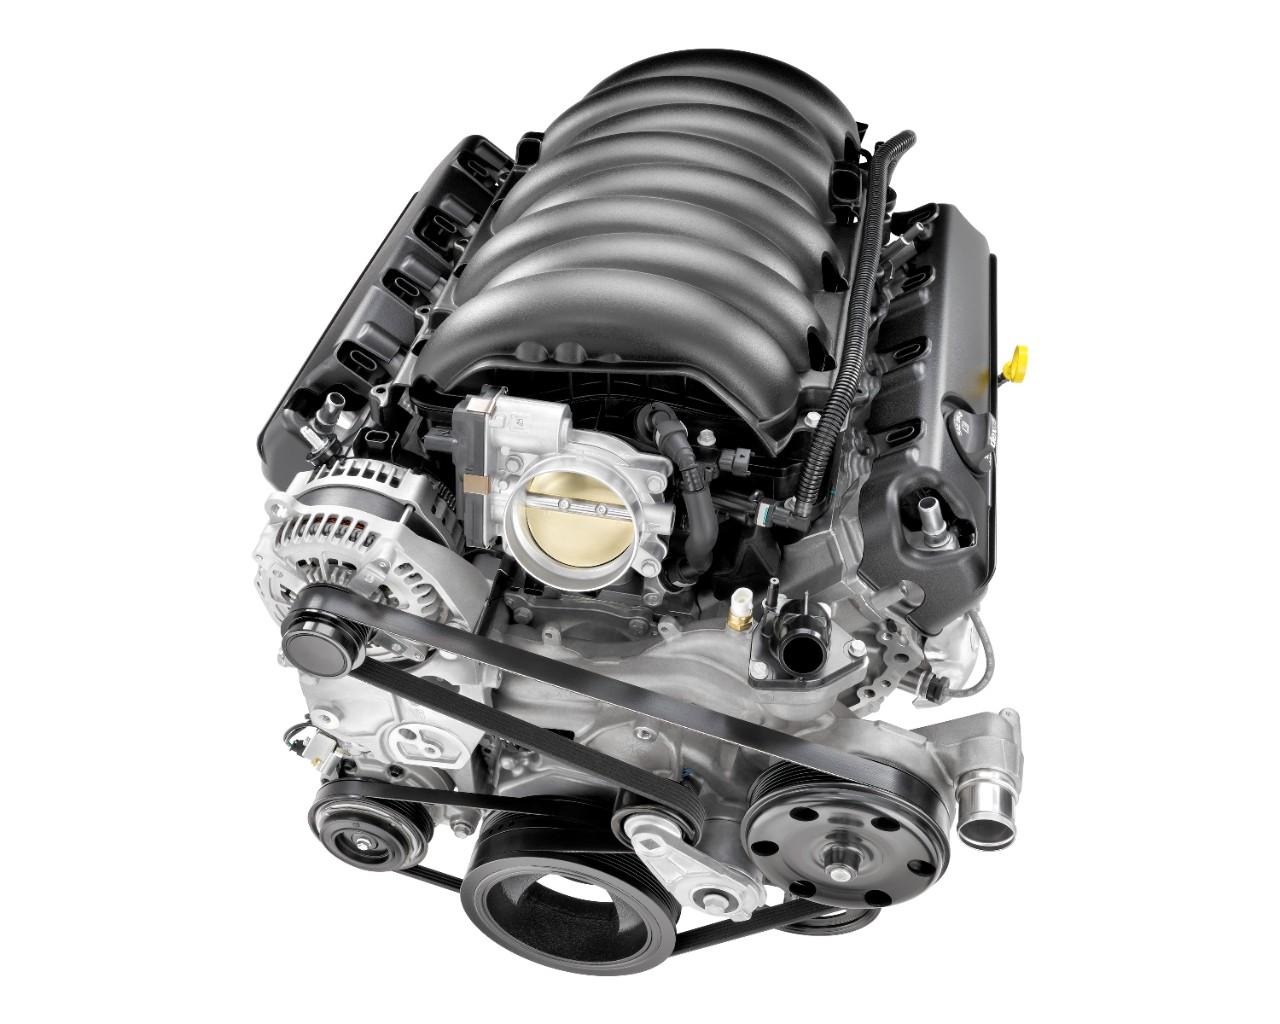 6.2 l ecotec3 v8 engine reviews